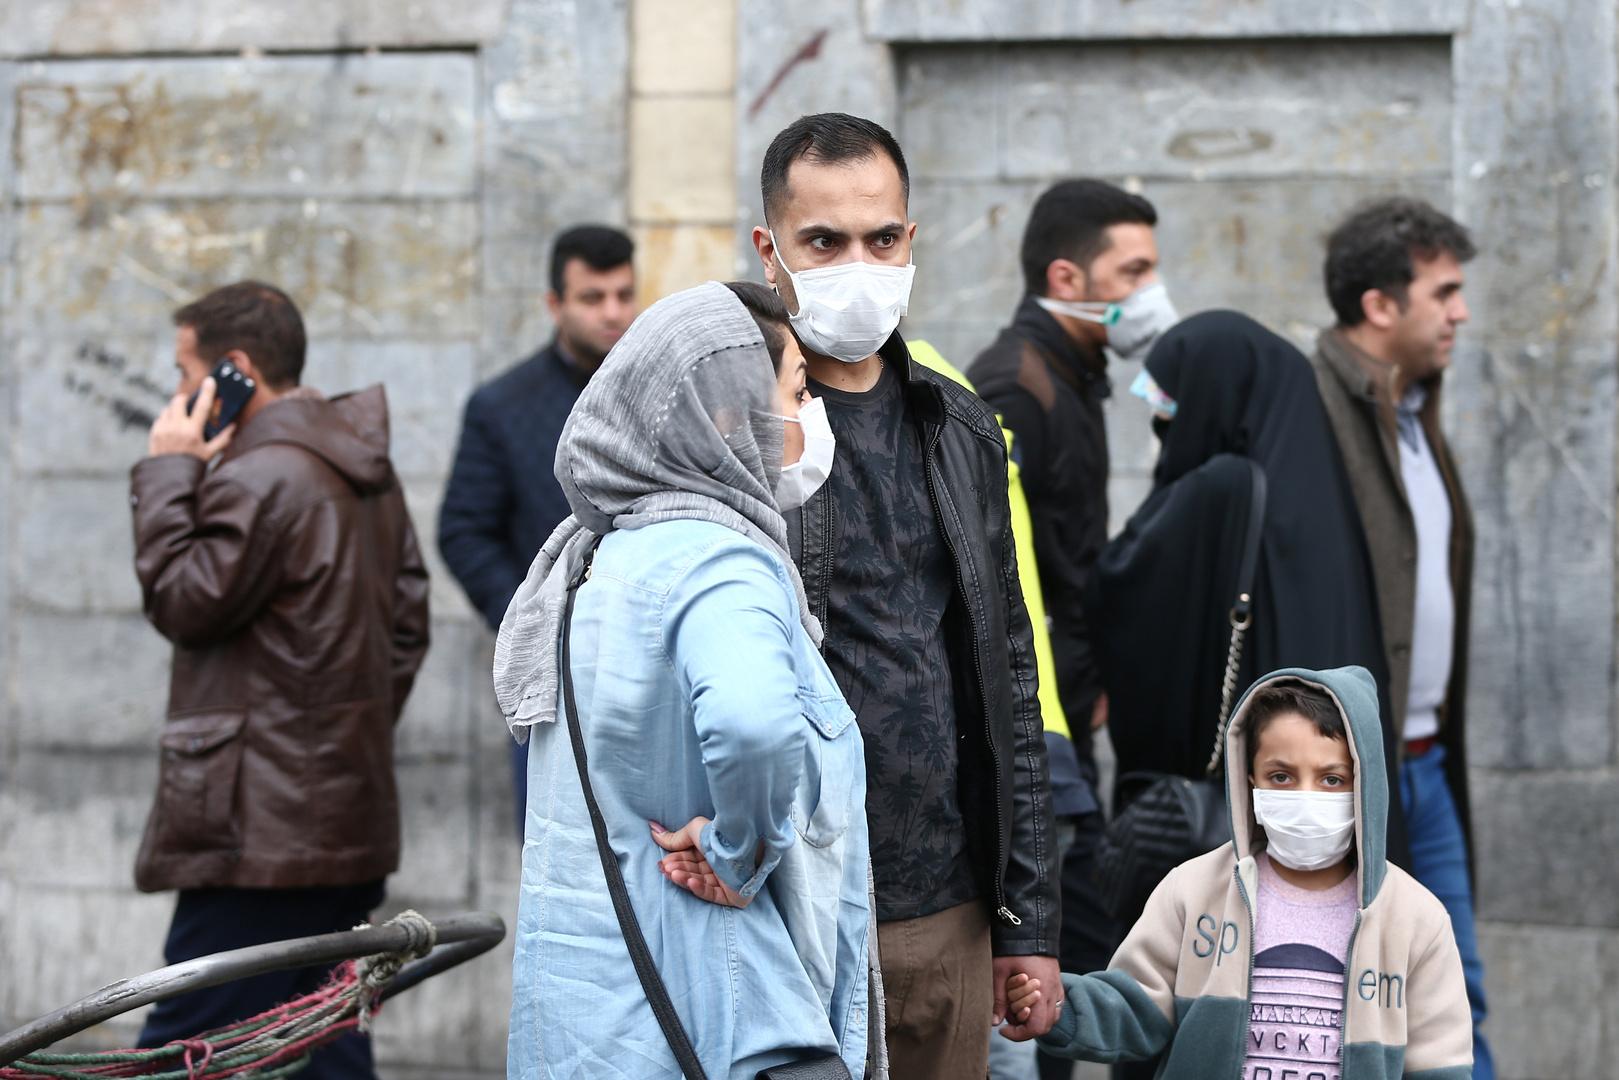 مصير طهران قد يشبه مصير ووهان الصينية في حال ارتفاع عدد المصابين فيها بـ